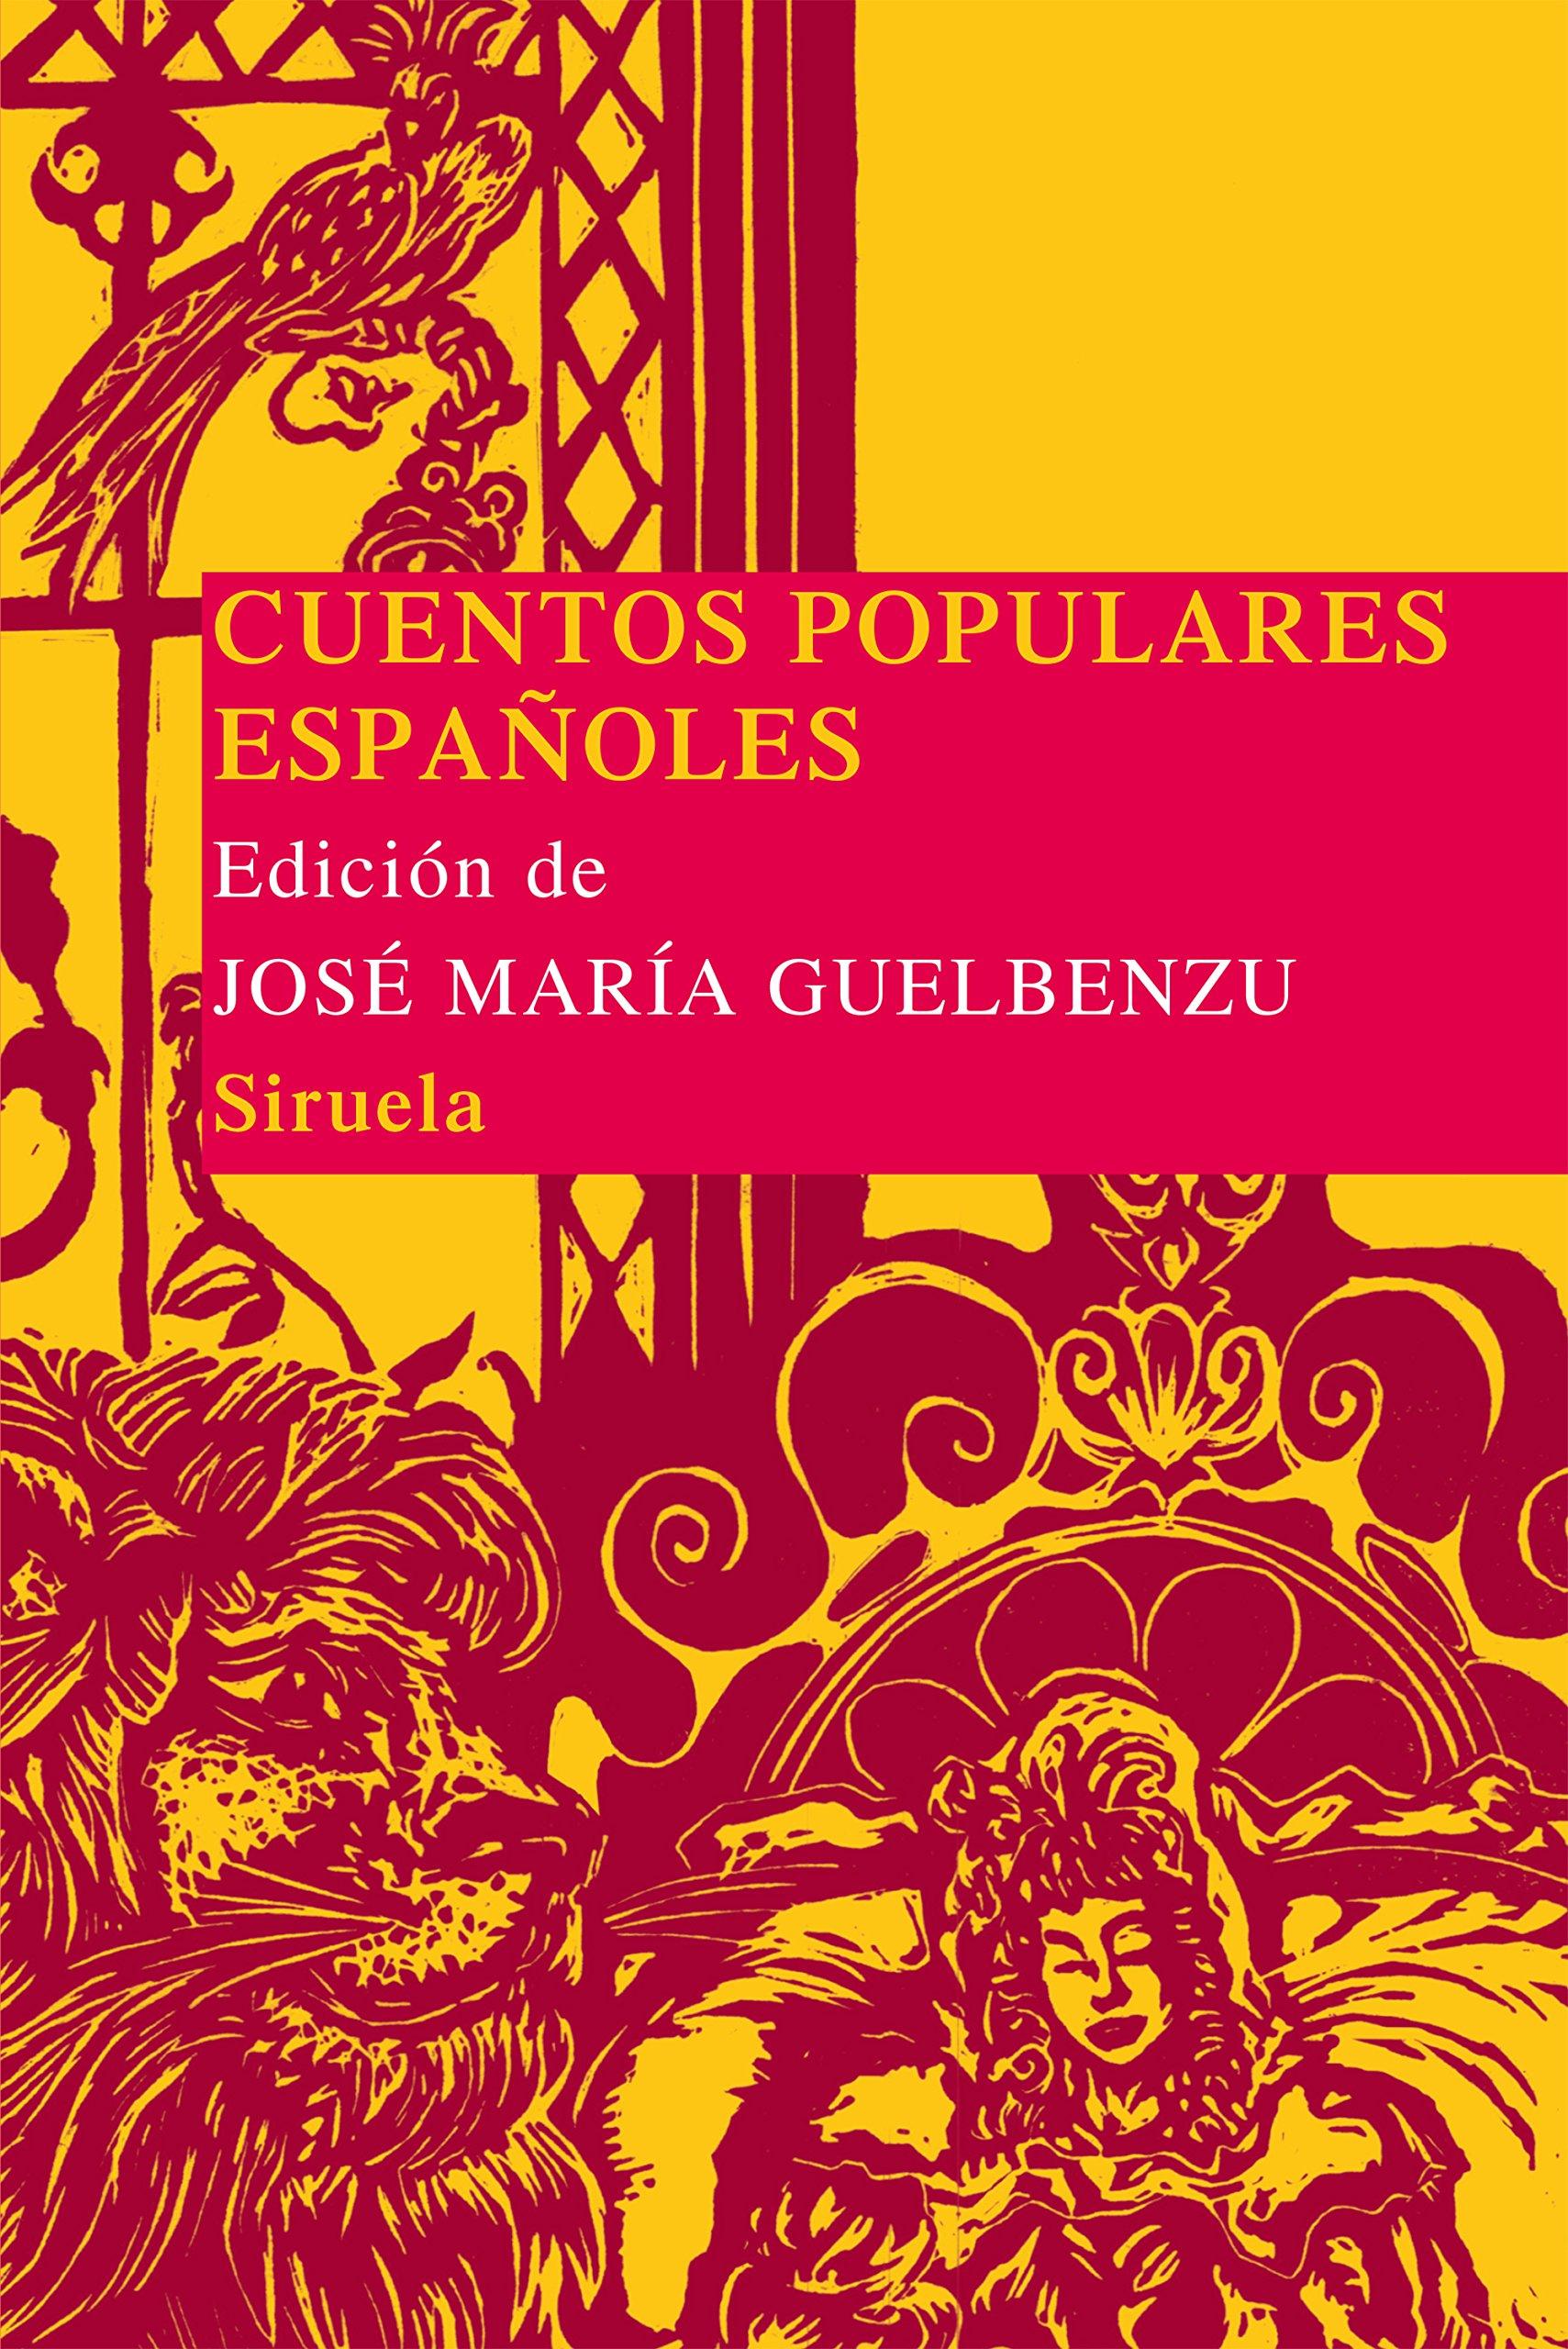 Cuentos populares españoles: 4 Las Tres Edades/ Biblioteca de Cuentos Populares: Amazon.es: Guelbenzu, José María: Libros